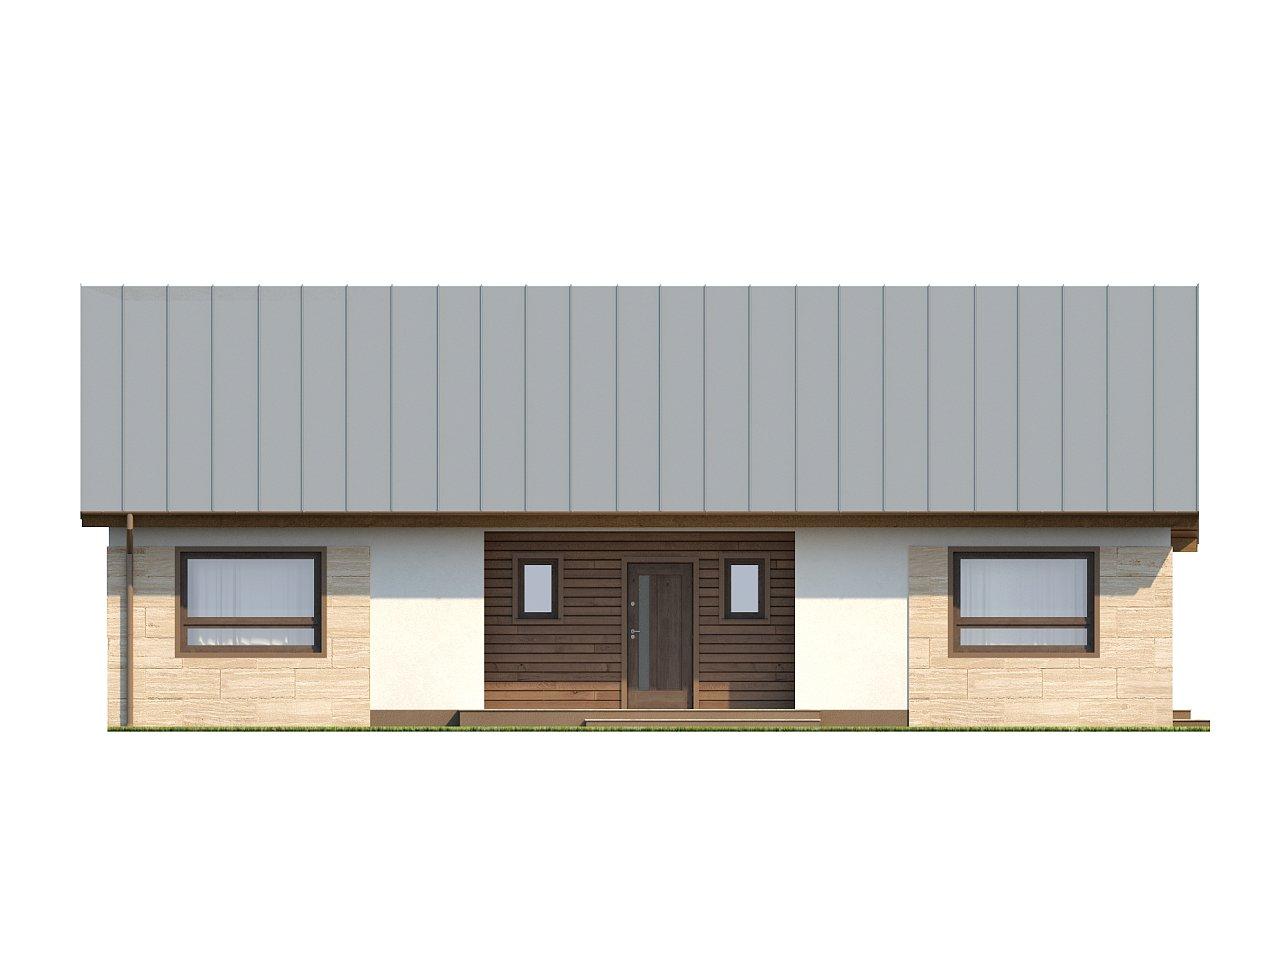 Проект выгодного одноэтажного дома с возможностью адаптации чердачного помещения. 16